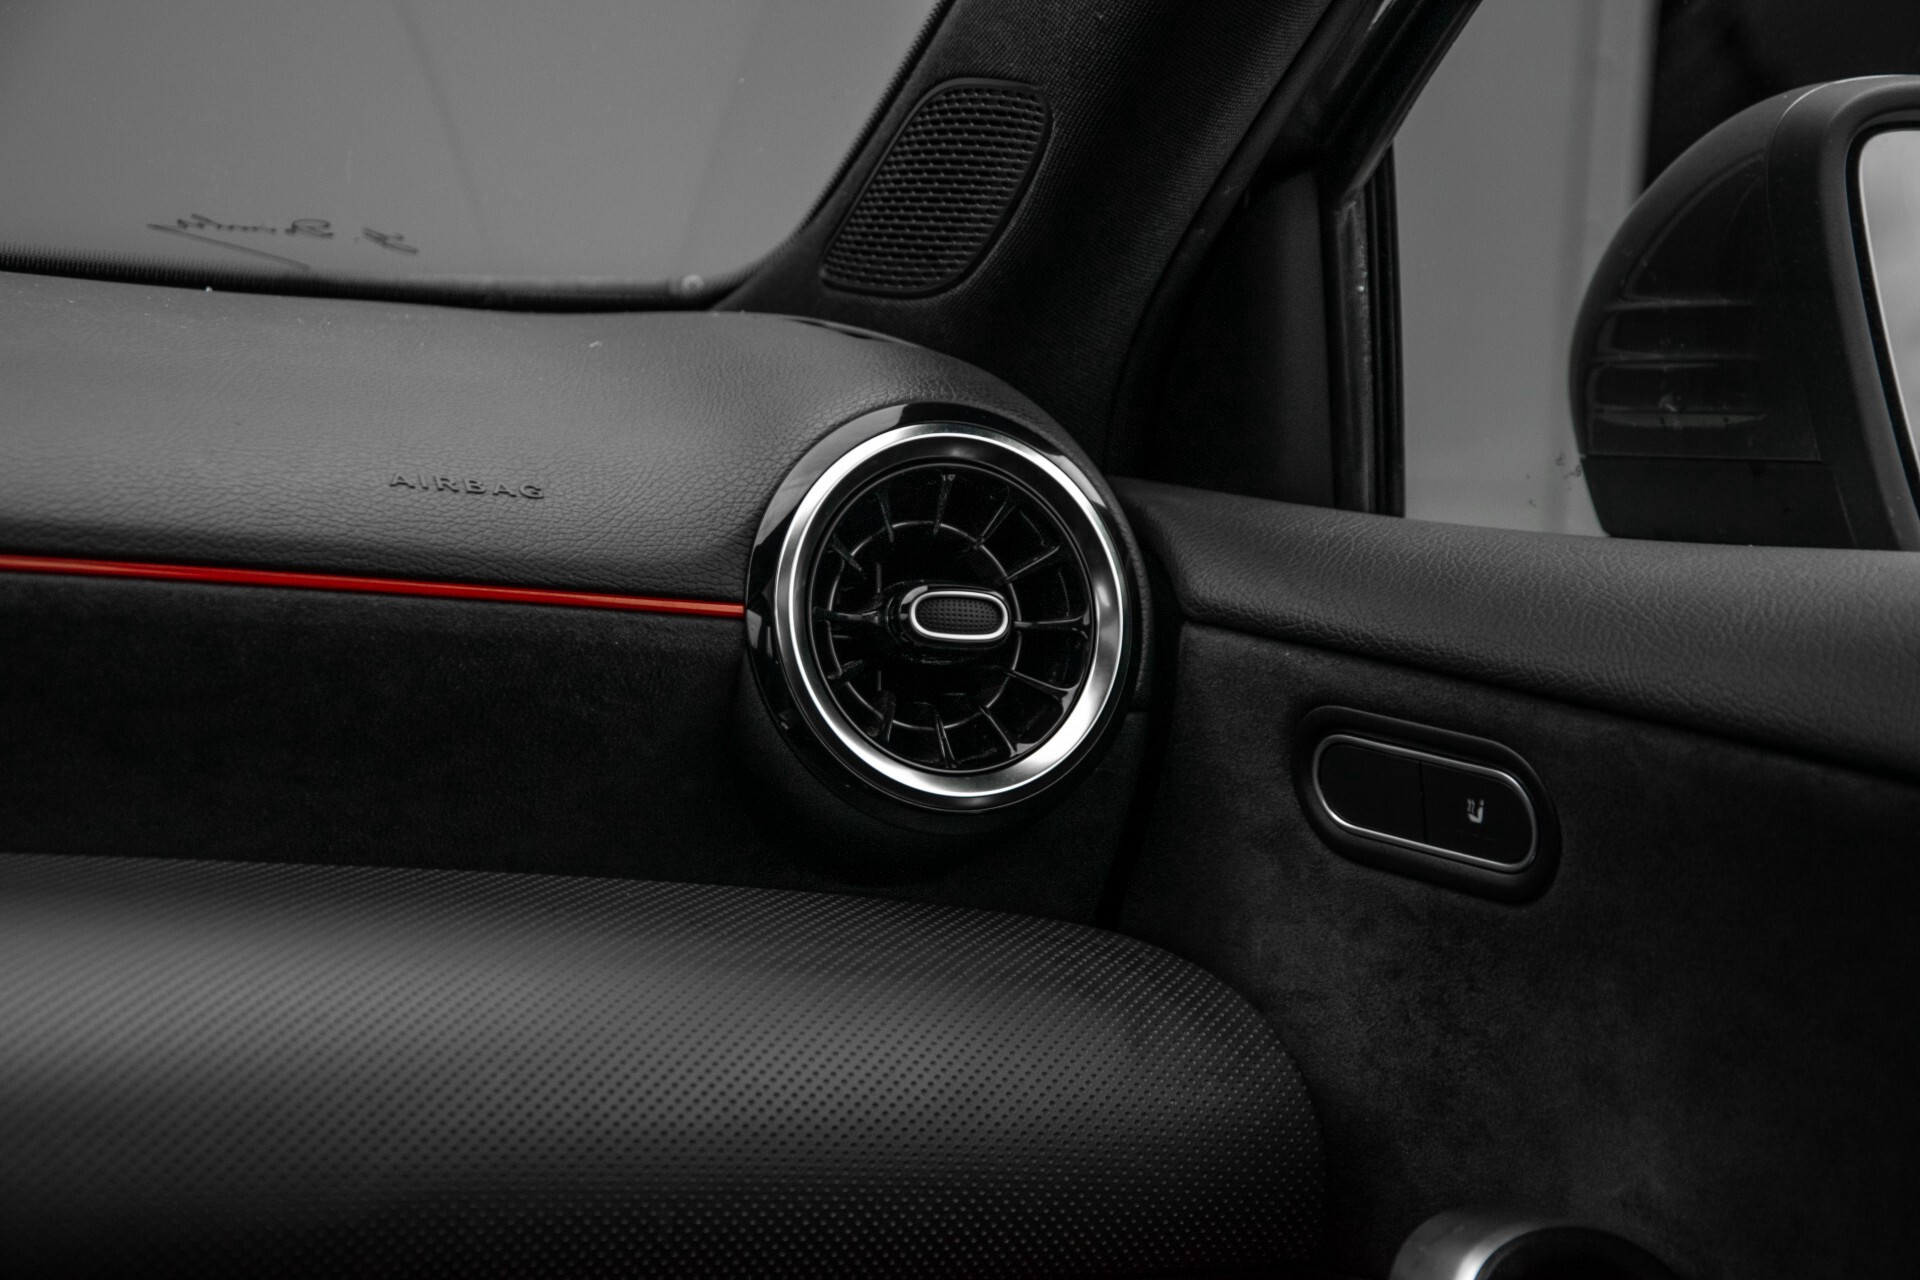 Mercedes-Benz A-Klasse 180 d AMG Panorama/MBUX/DAB/LED Aut7 Foto 44